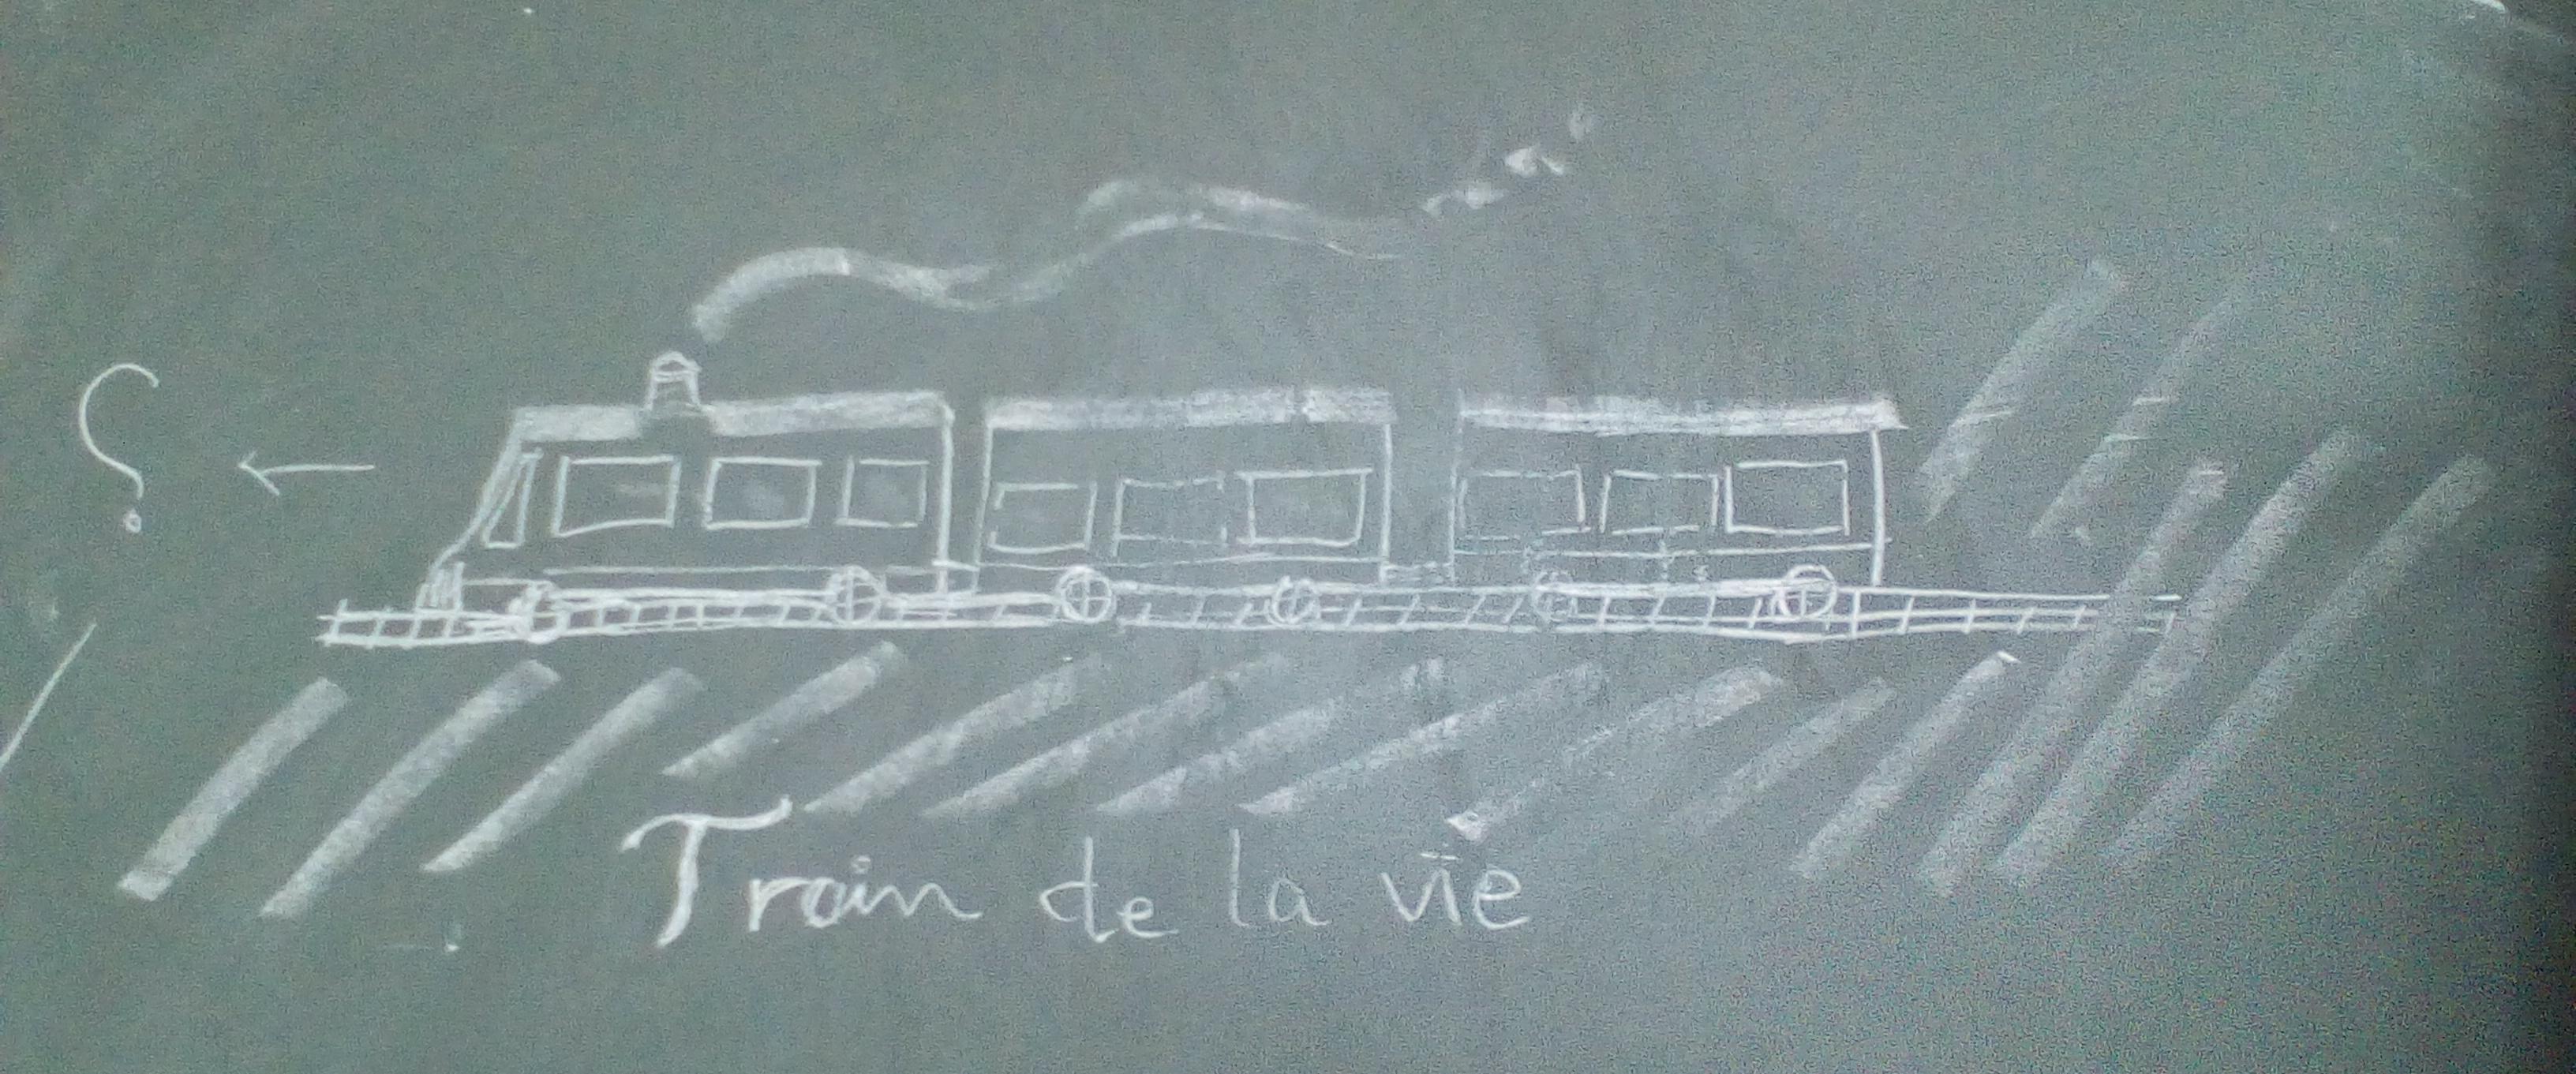 Dessin à la craie sur un tableau representant un train à vapeur.